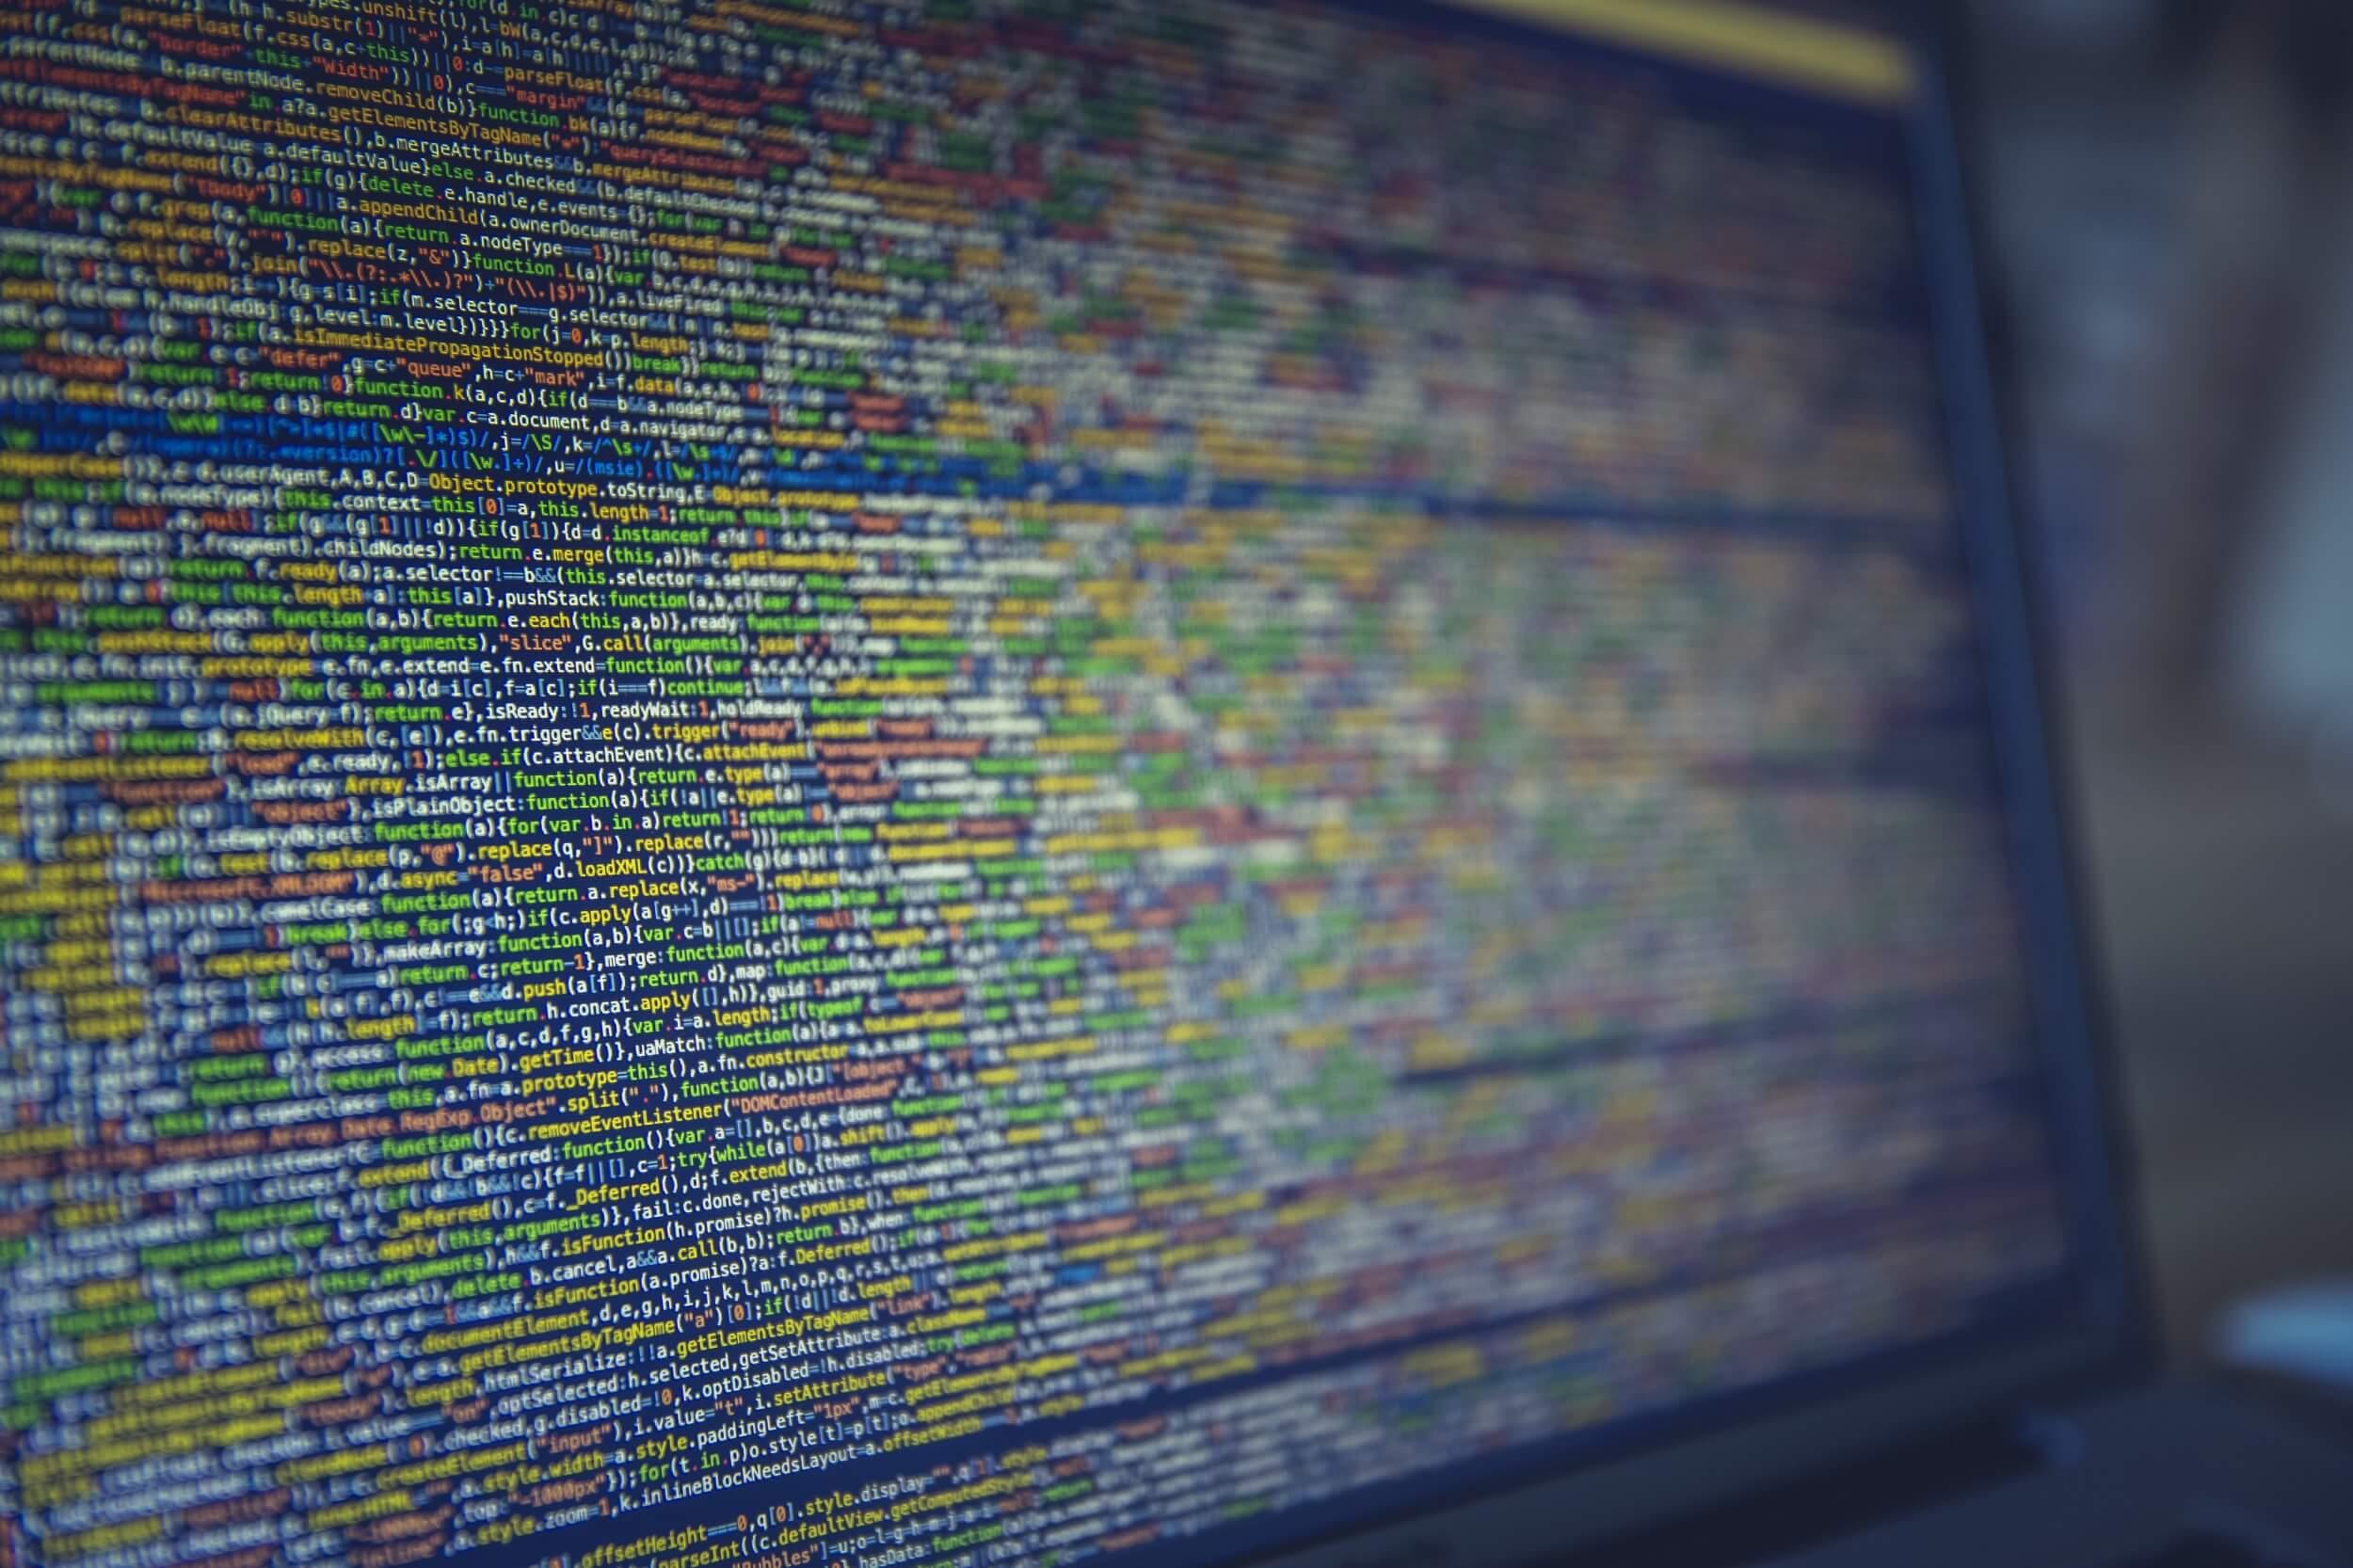 The 5 Vs of Big Data Hide a Trap